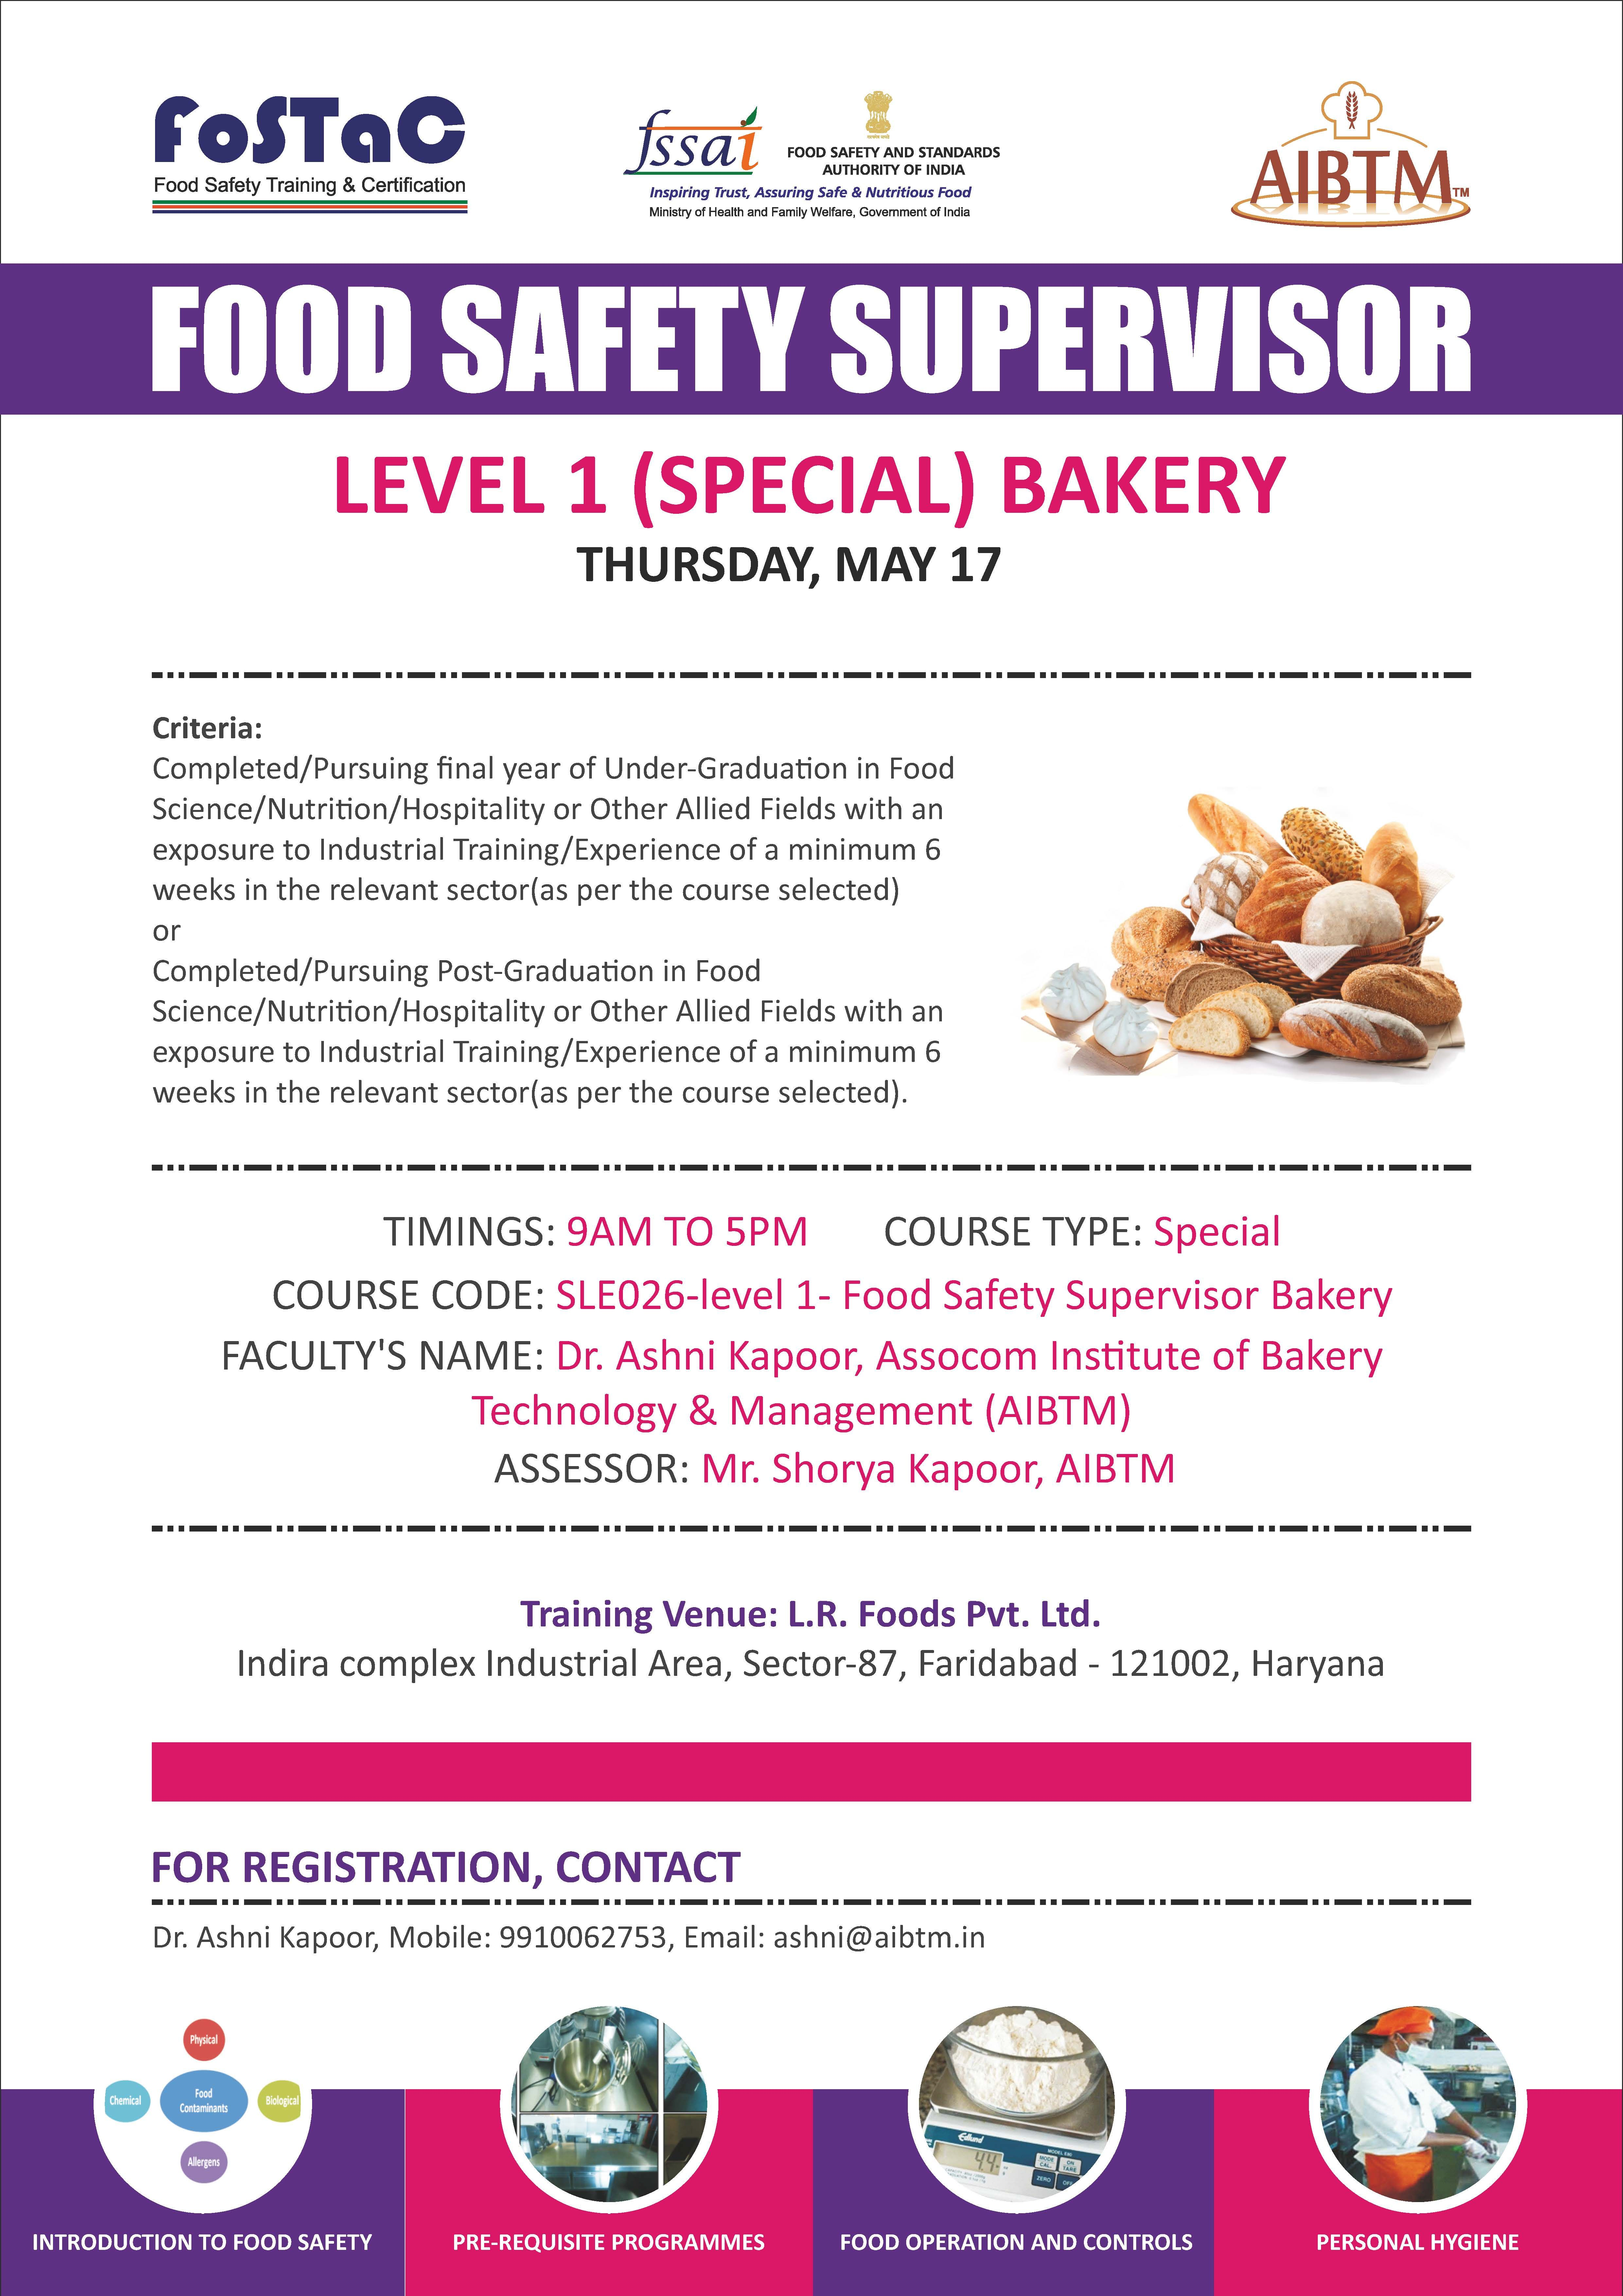 Enroll FoodSafetySupervisor Training Program on Level 1